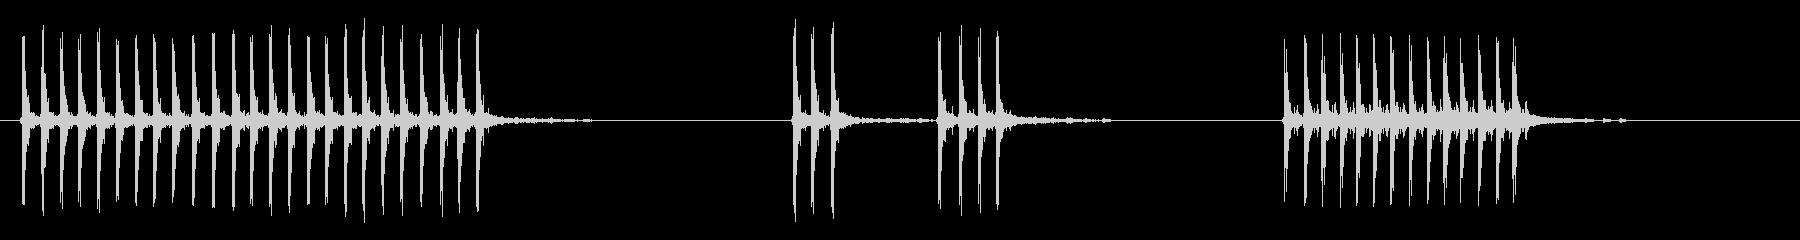 ブラウニングM1919マシンガン:...の未再生の波形